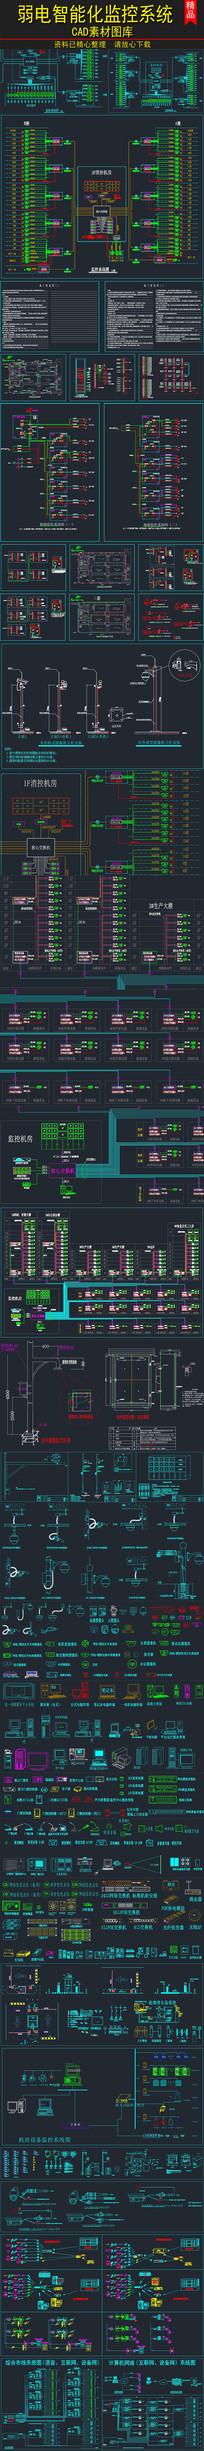 弱电智能化监控系统图设计CAD素材